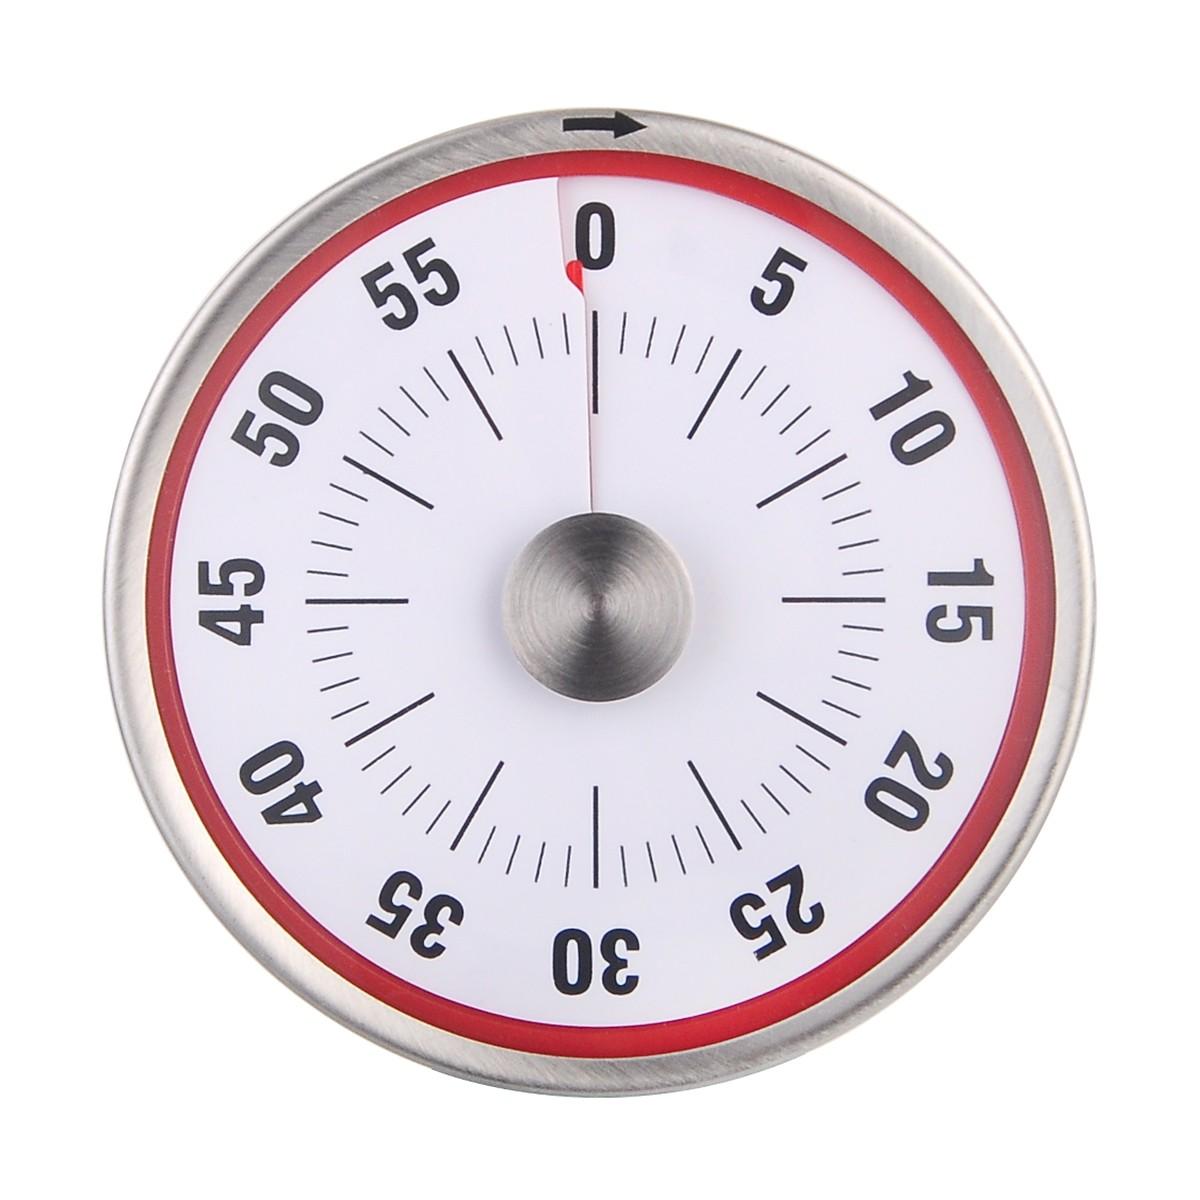 Kurzzeitmesser Kurzzeitwecker magnetisch fr Kche Kochen Edelstahl  365buych